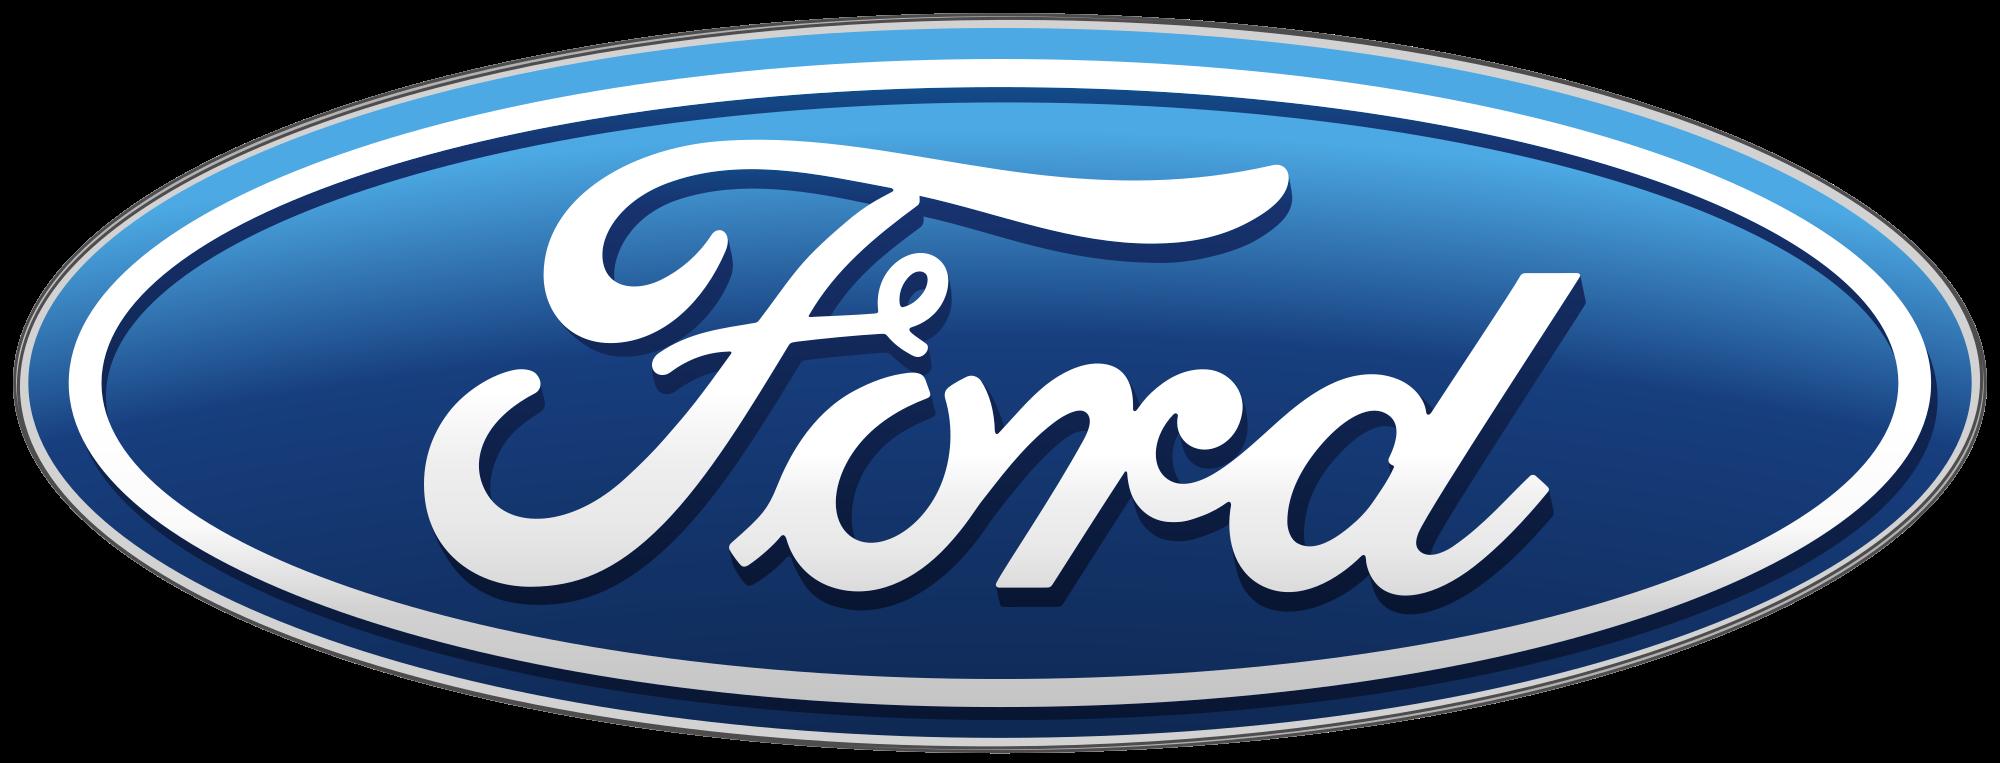 Αξιοποίηση Internet Protocol στις γραμμές παραγωγής της Ford